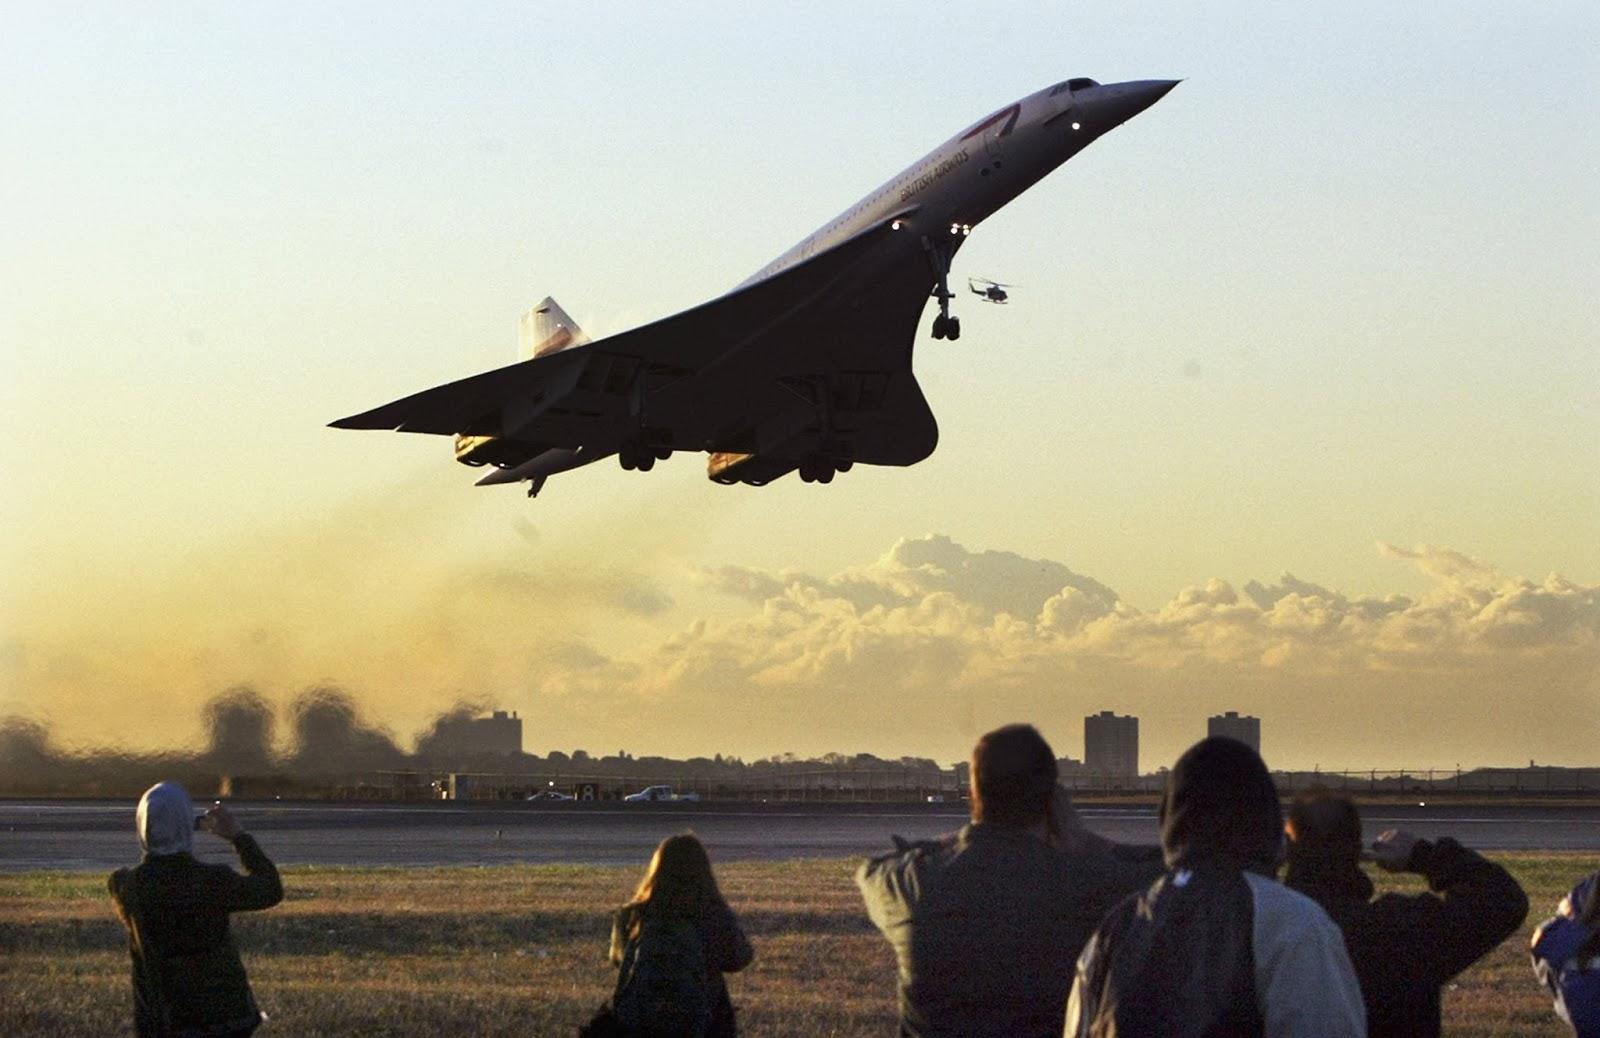 Nostalgie et Humour: Il y a 45 ans s'envolait le Concorde